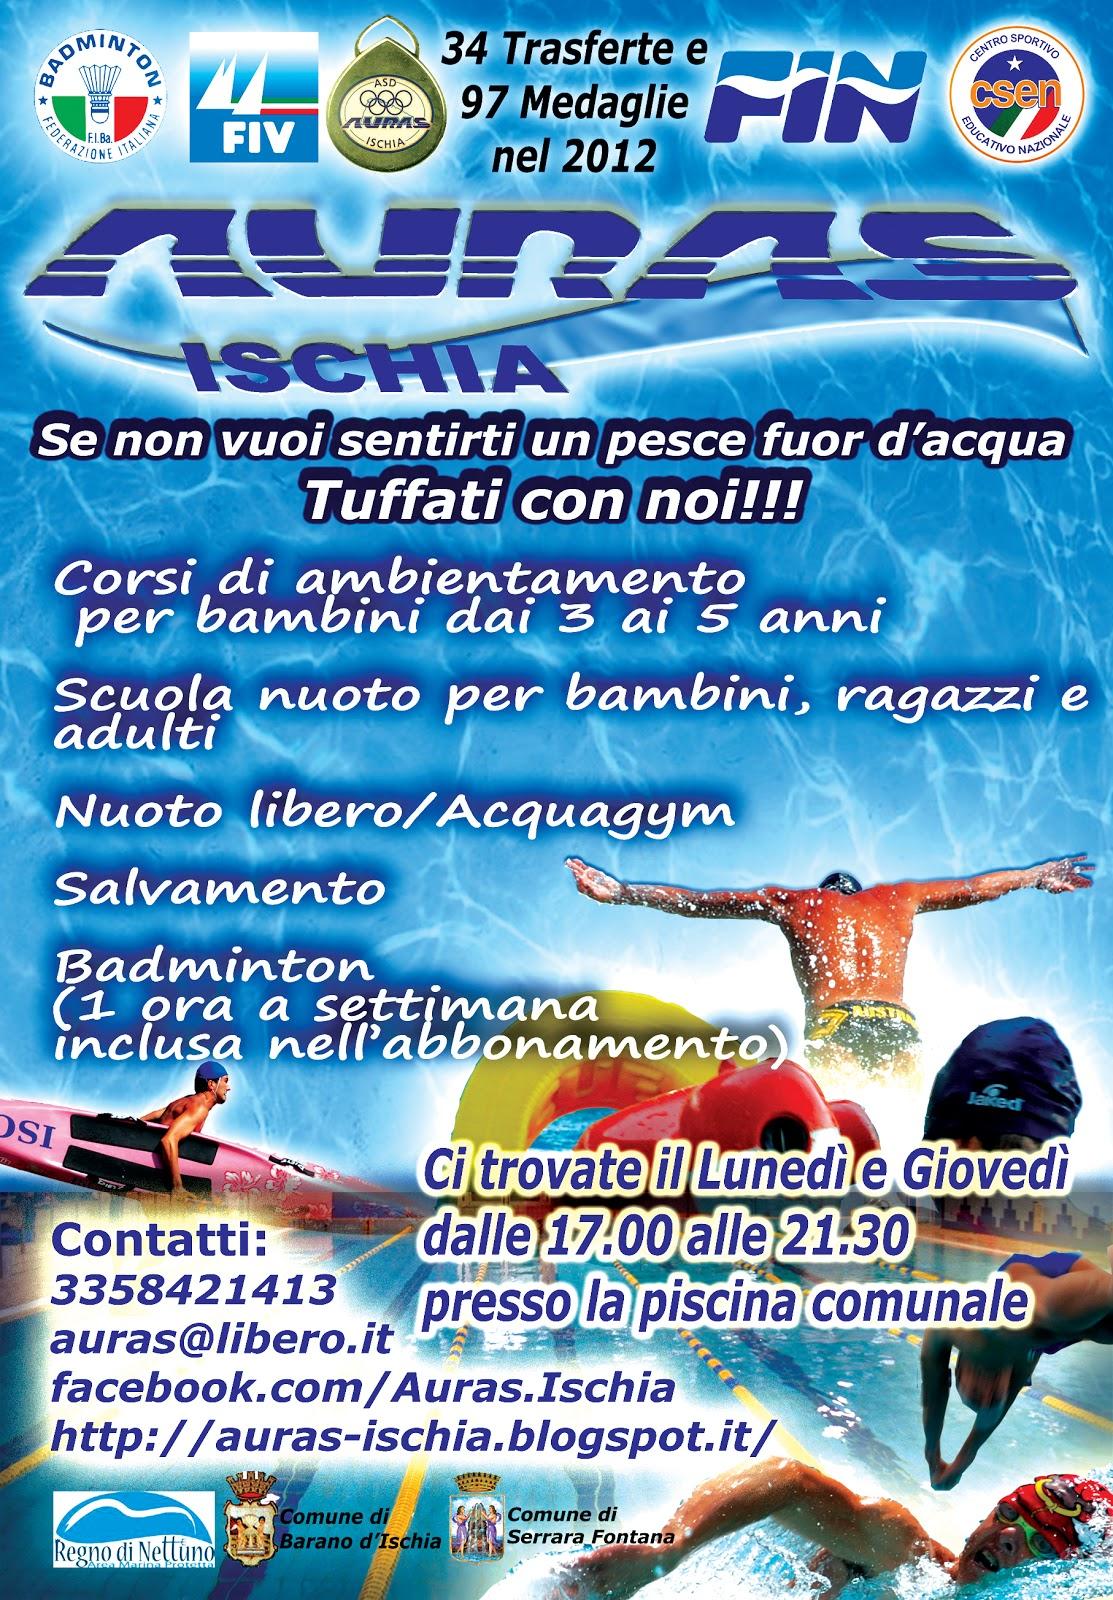 Auras ischia lunedi riapre la piscina comunale - Piscina trezzano sul naviglio nuoto libero ...